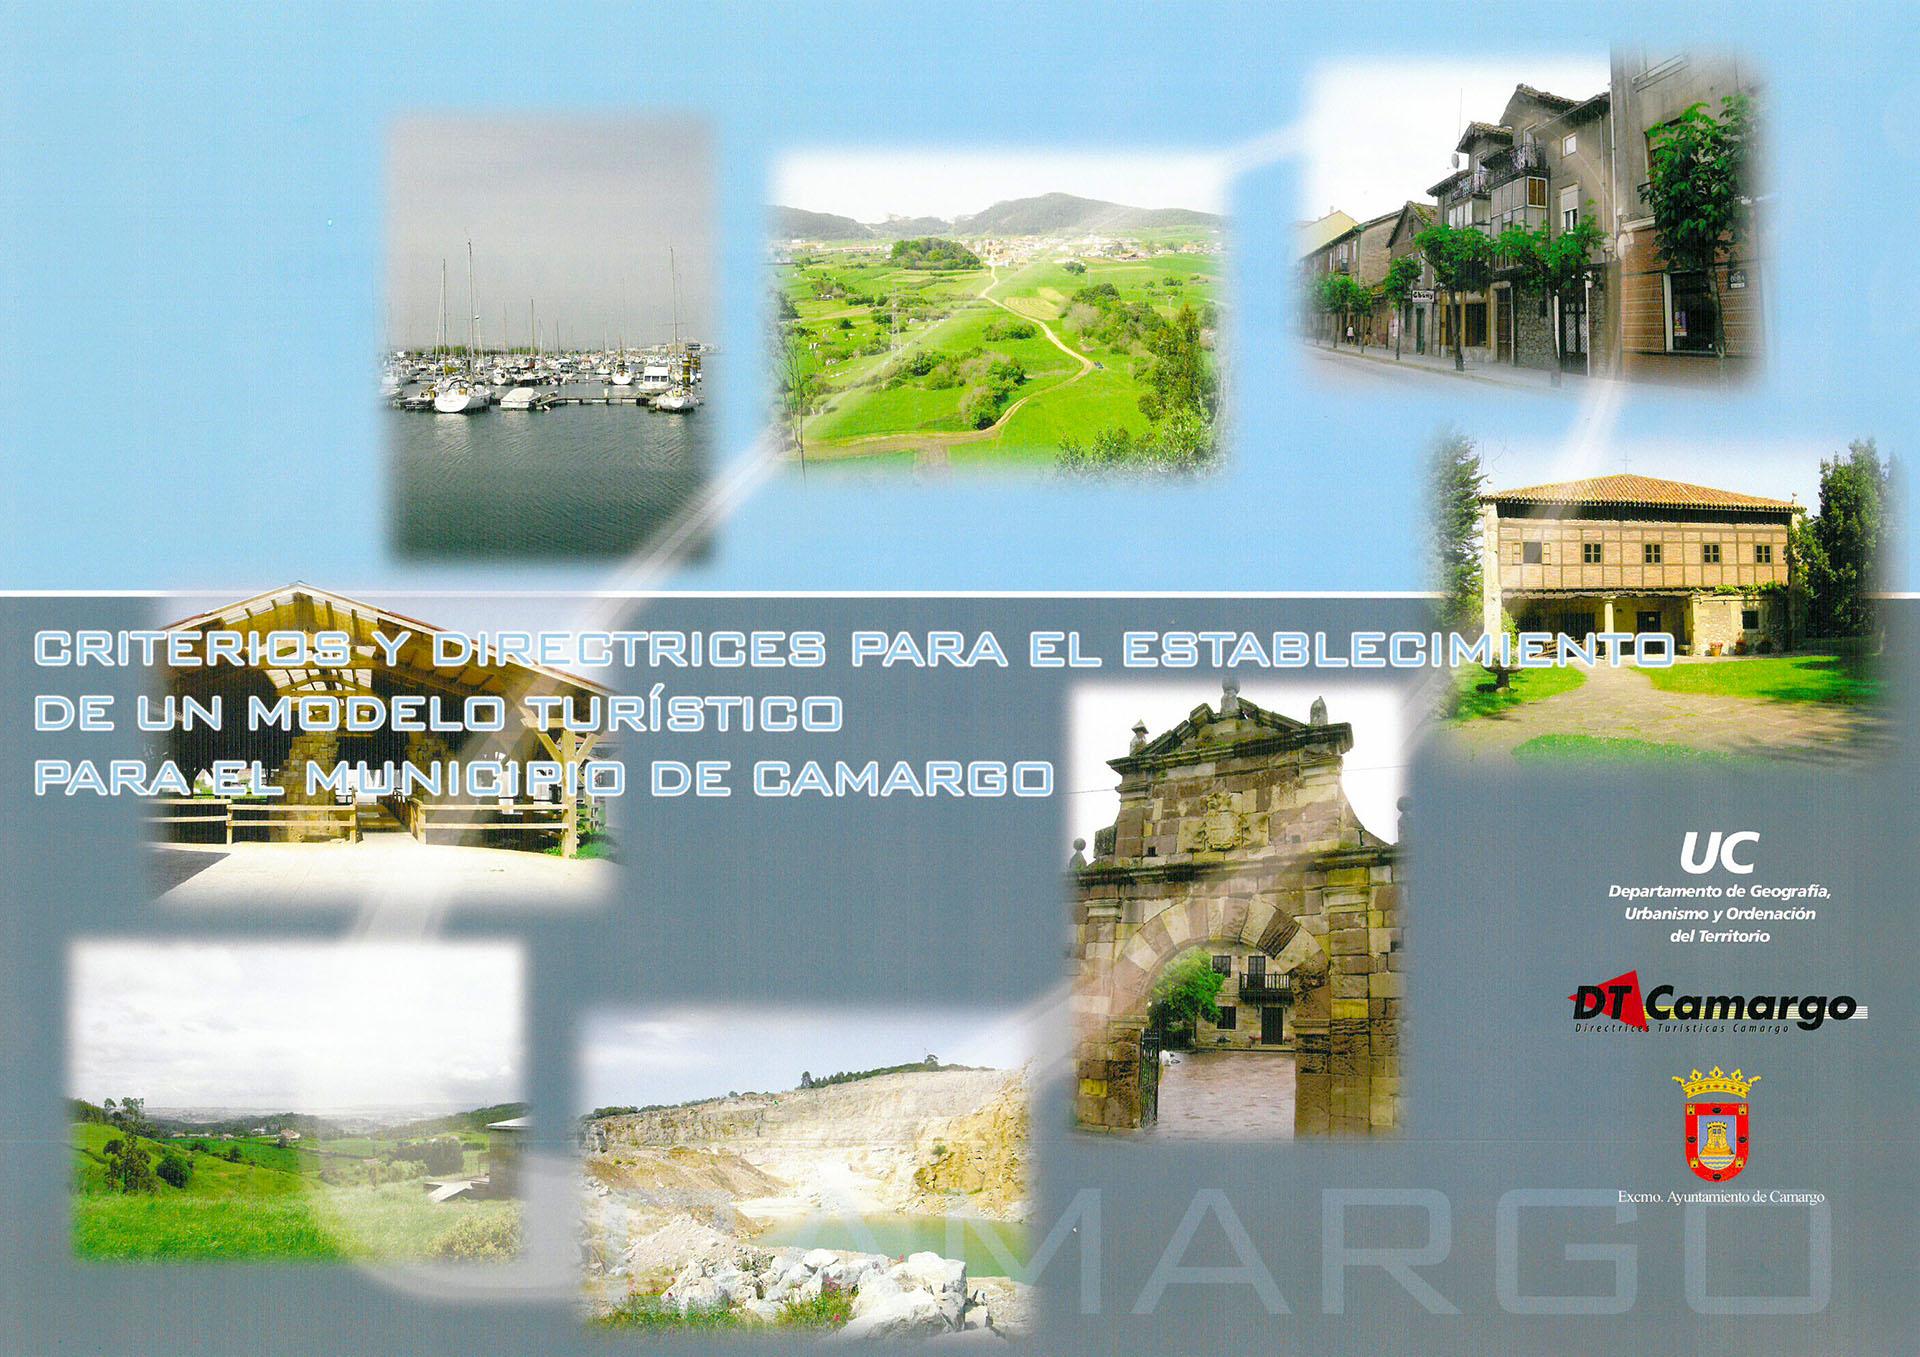 Criterios y directrices para el establecimiento de un modelo turístico